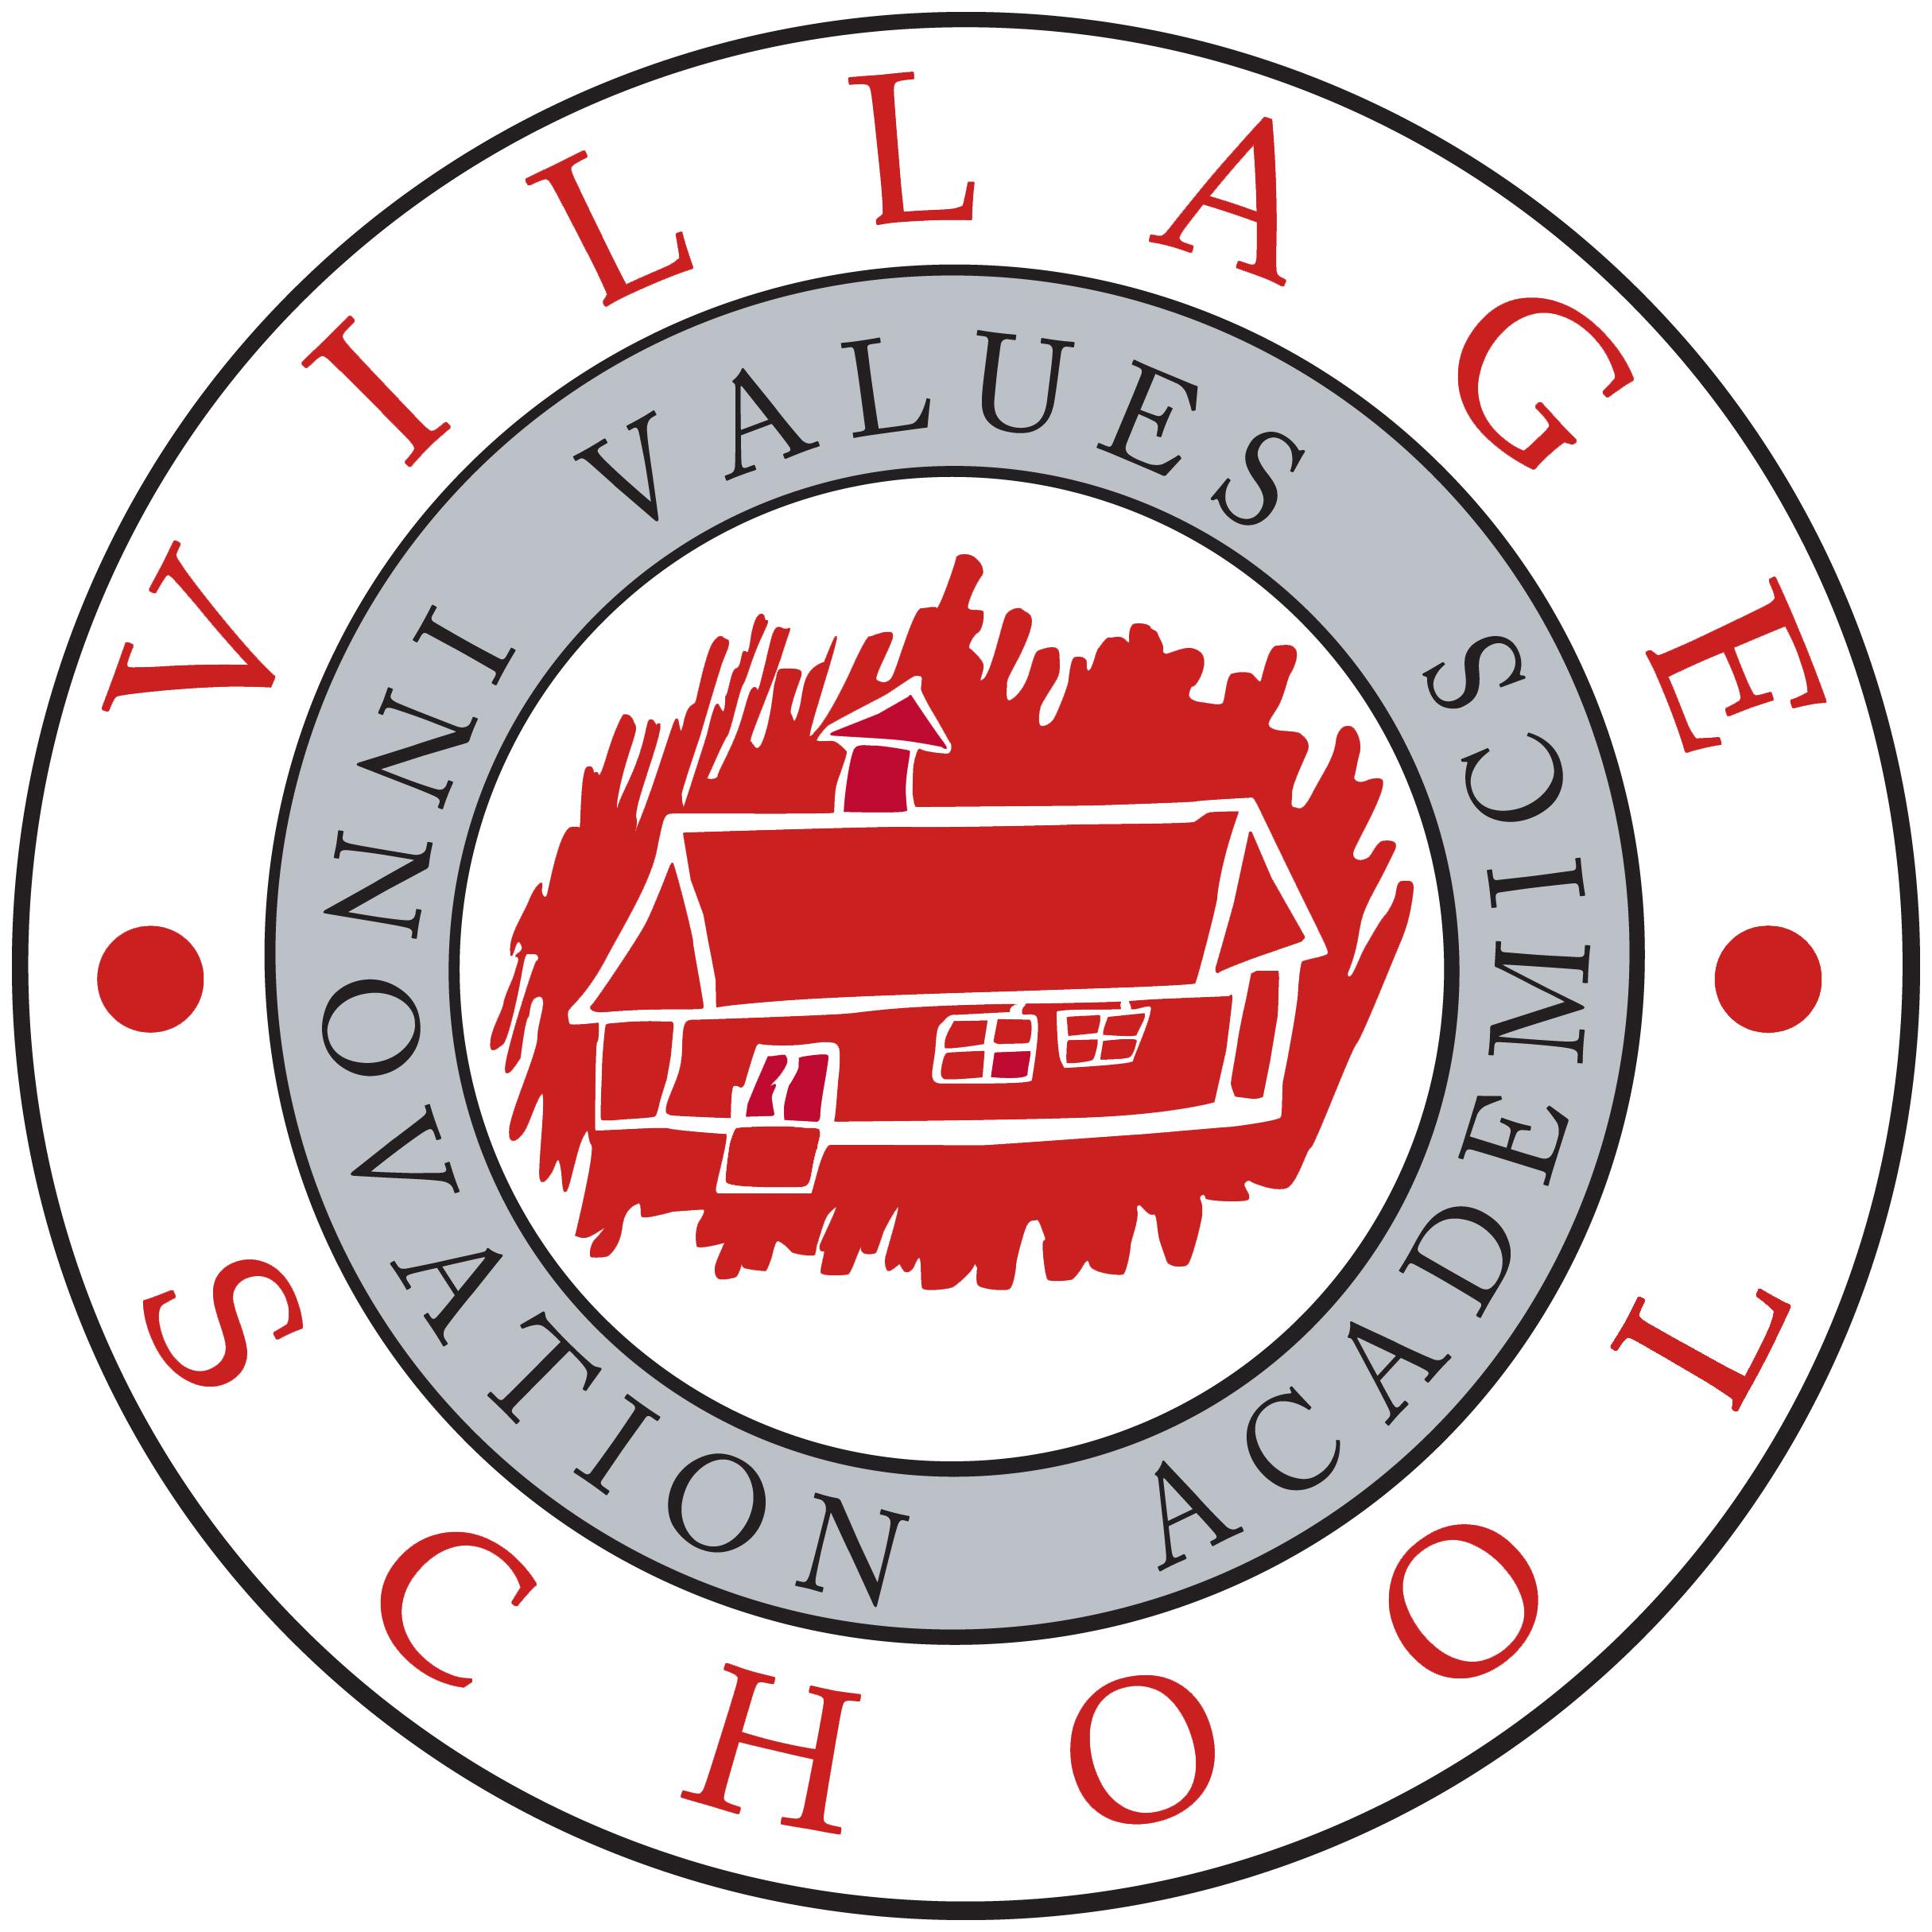 Schools in Pacific Palisades, CA.